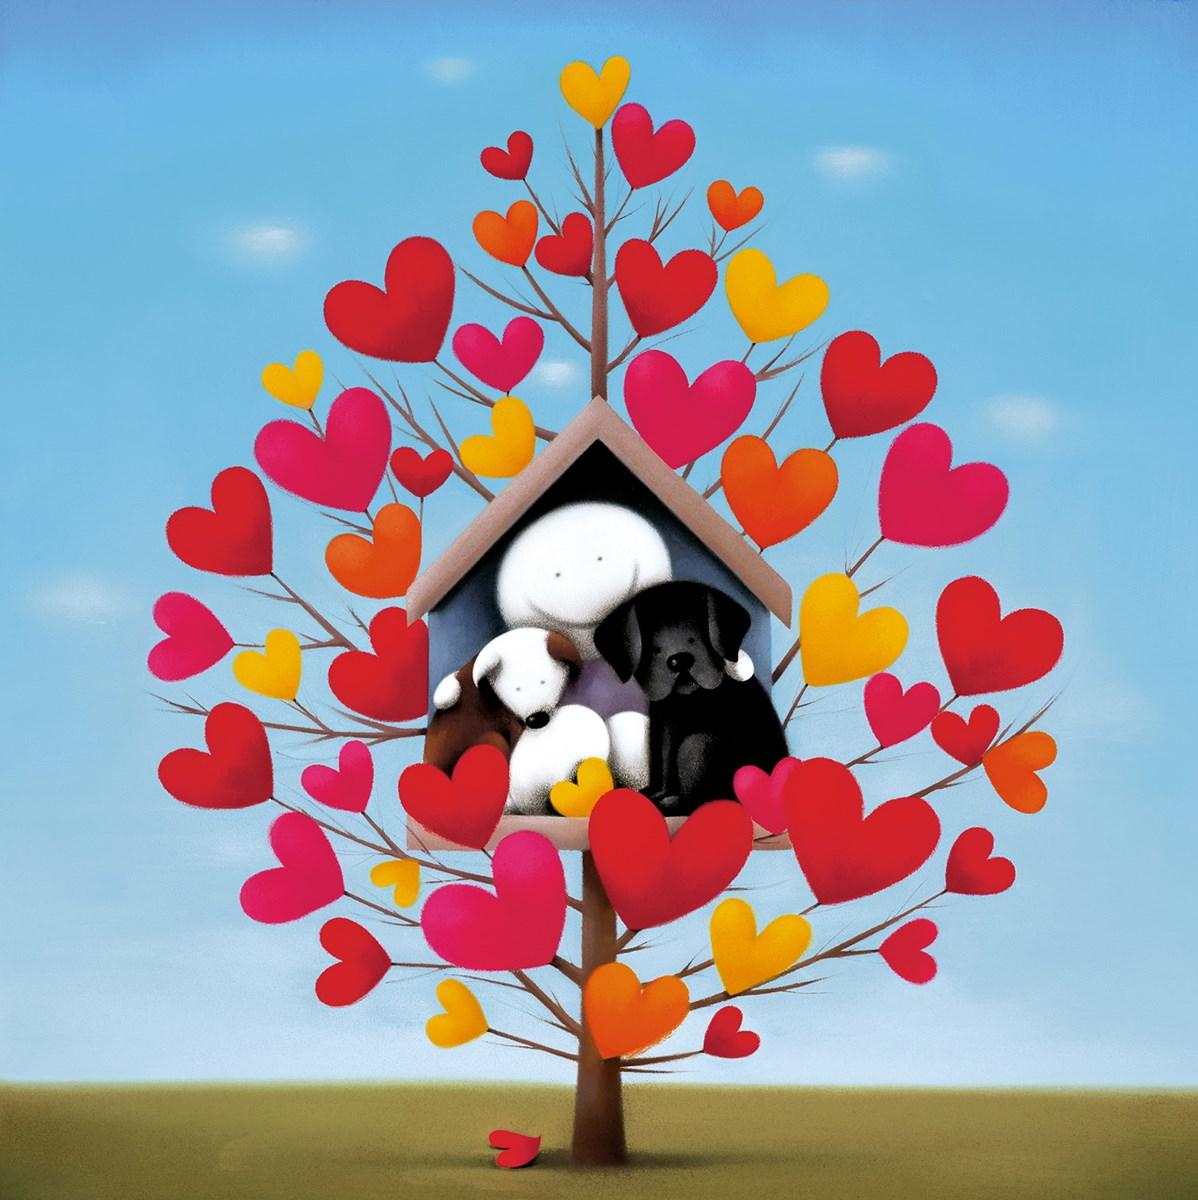 Family Tree by Doug Hyde